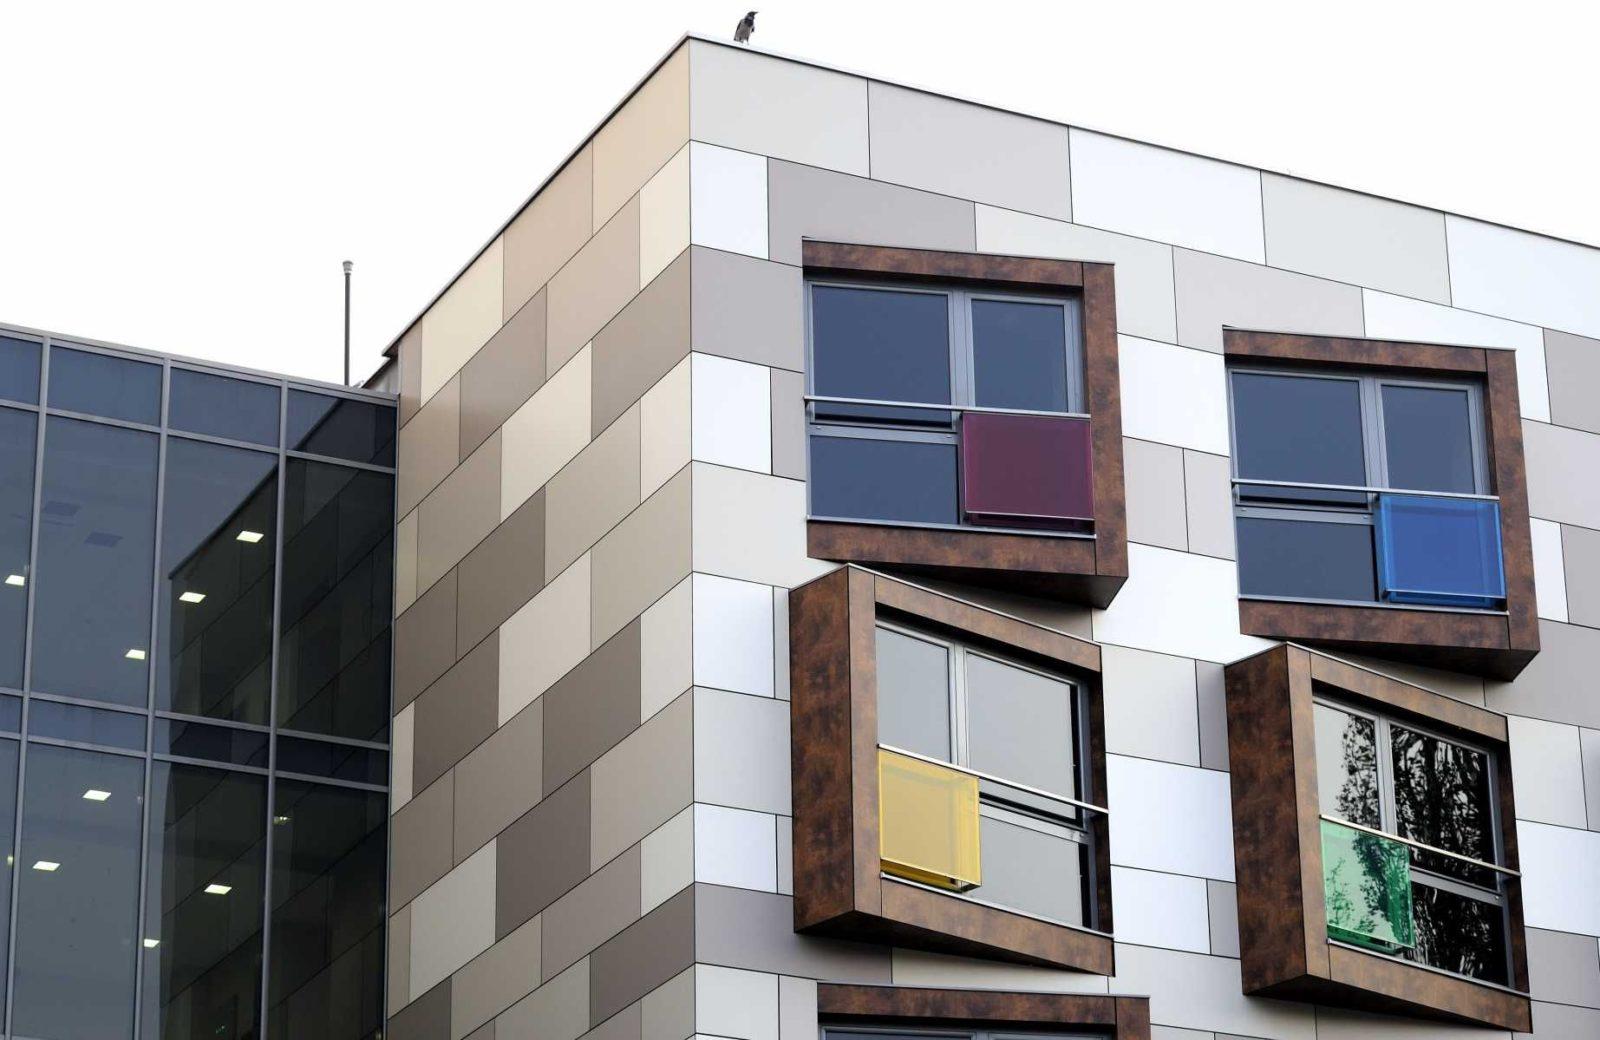 [:ua]Кошторис на вентильований фасад будівлі[:ru]Смета на вентилируемый фасад здания[:]